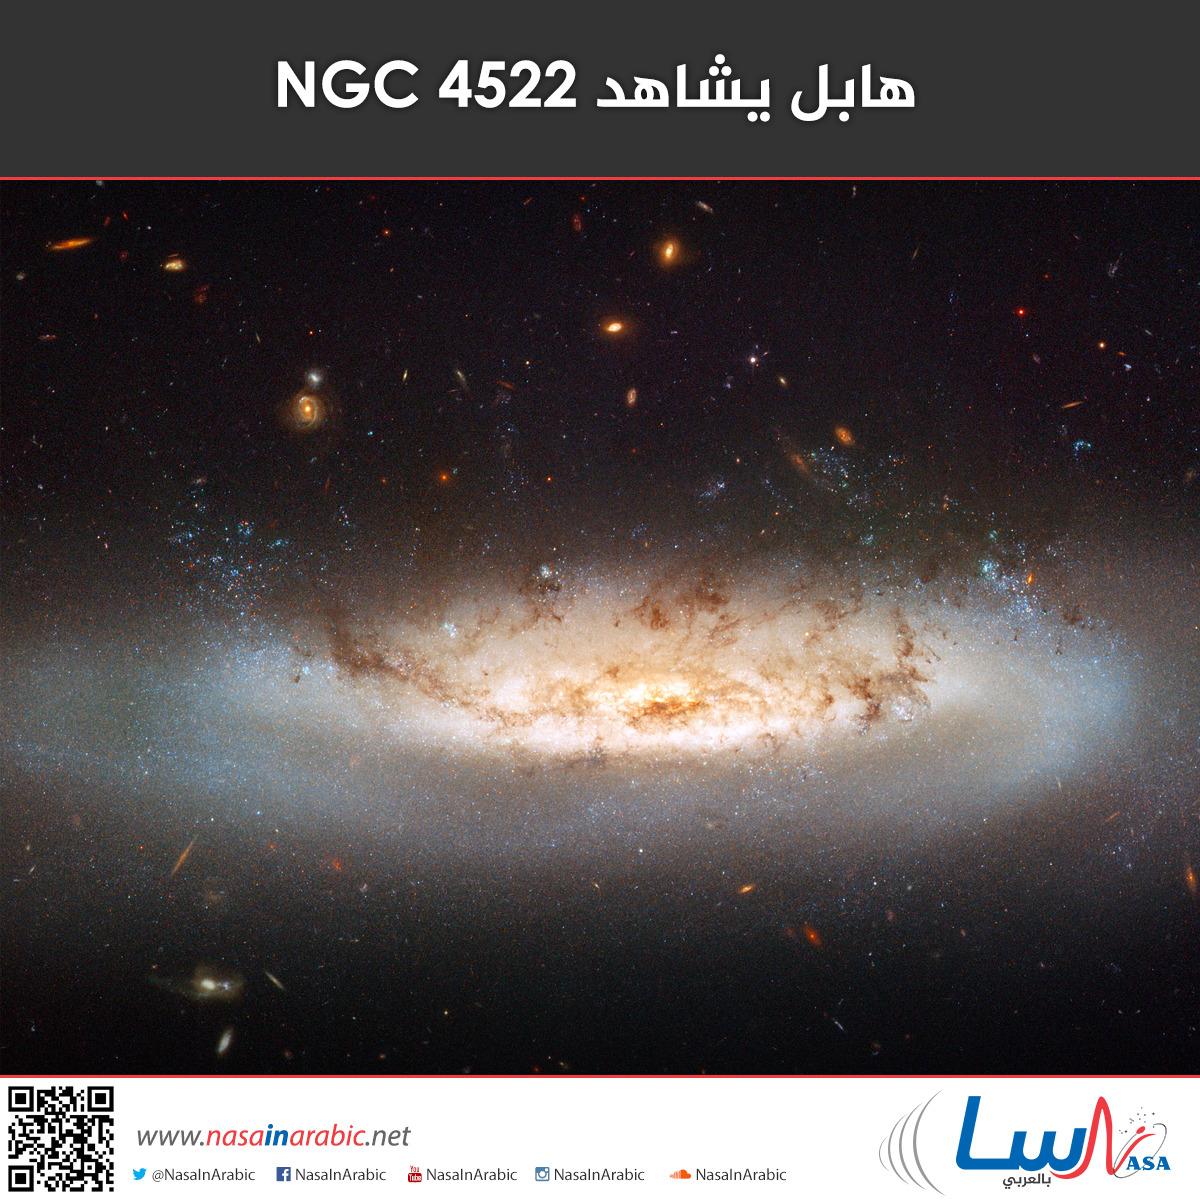 هابل يشاهد NGC 4522